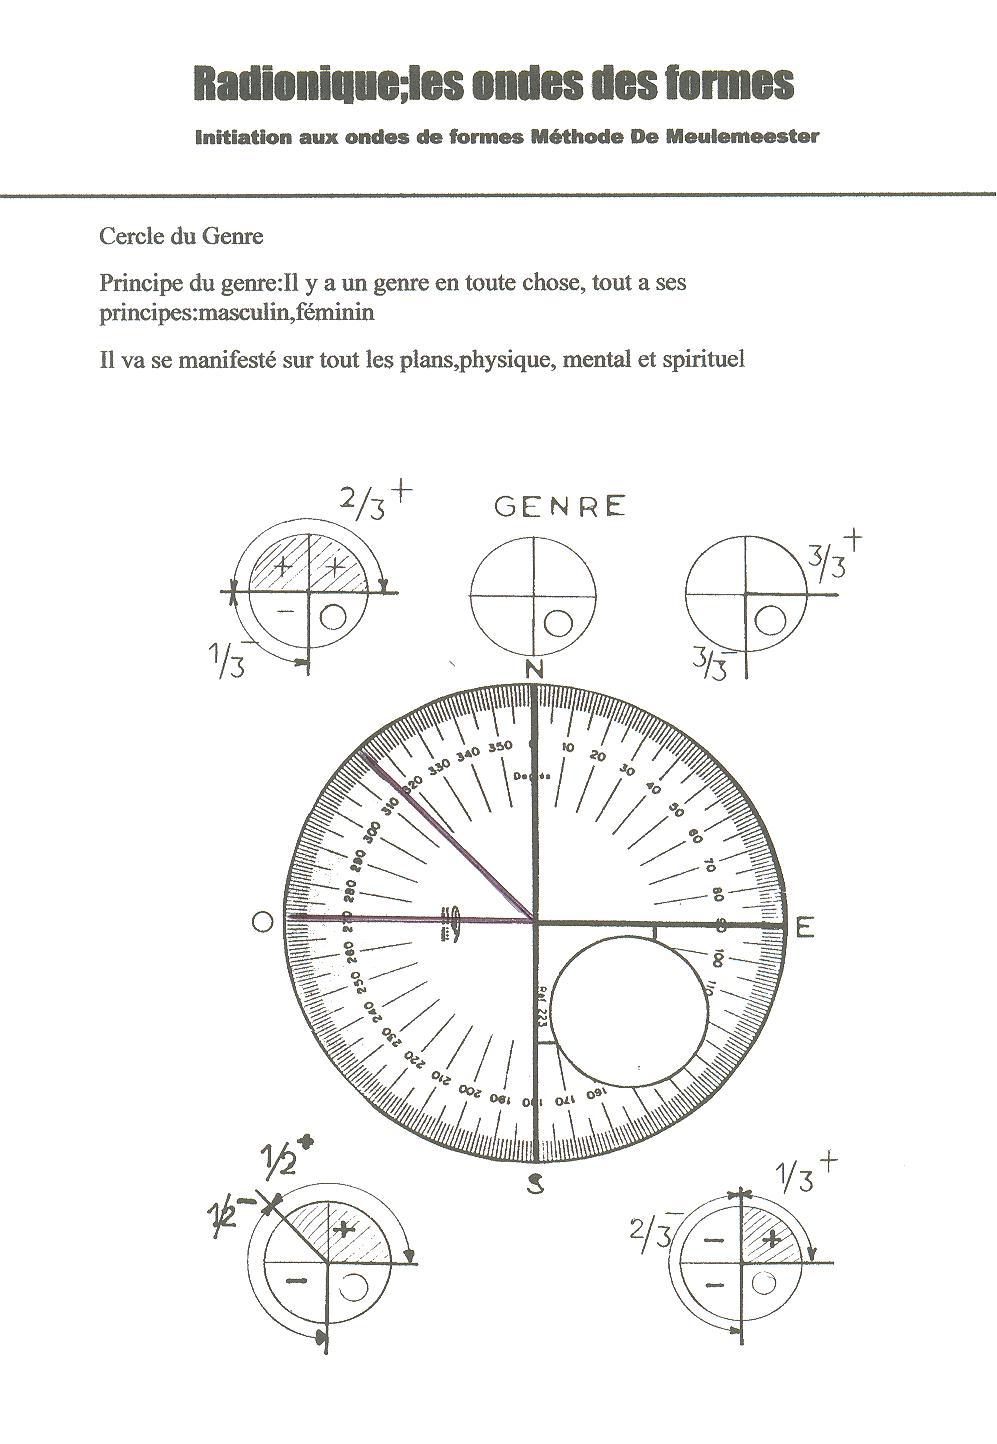 Etude des cercles : le genre